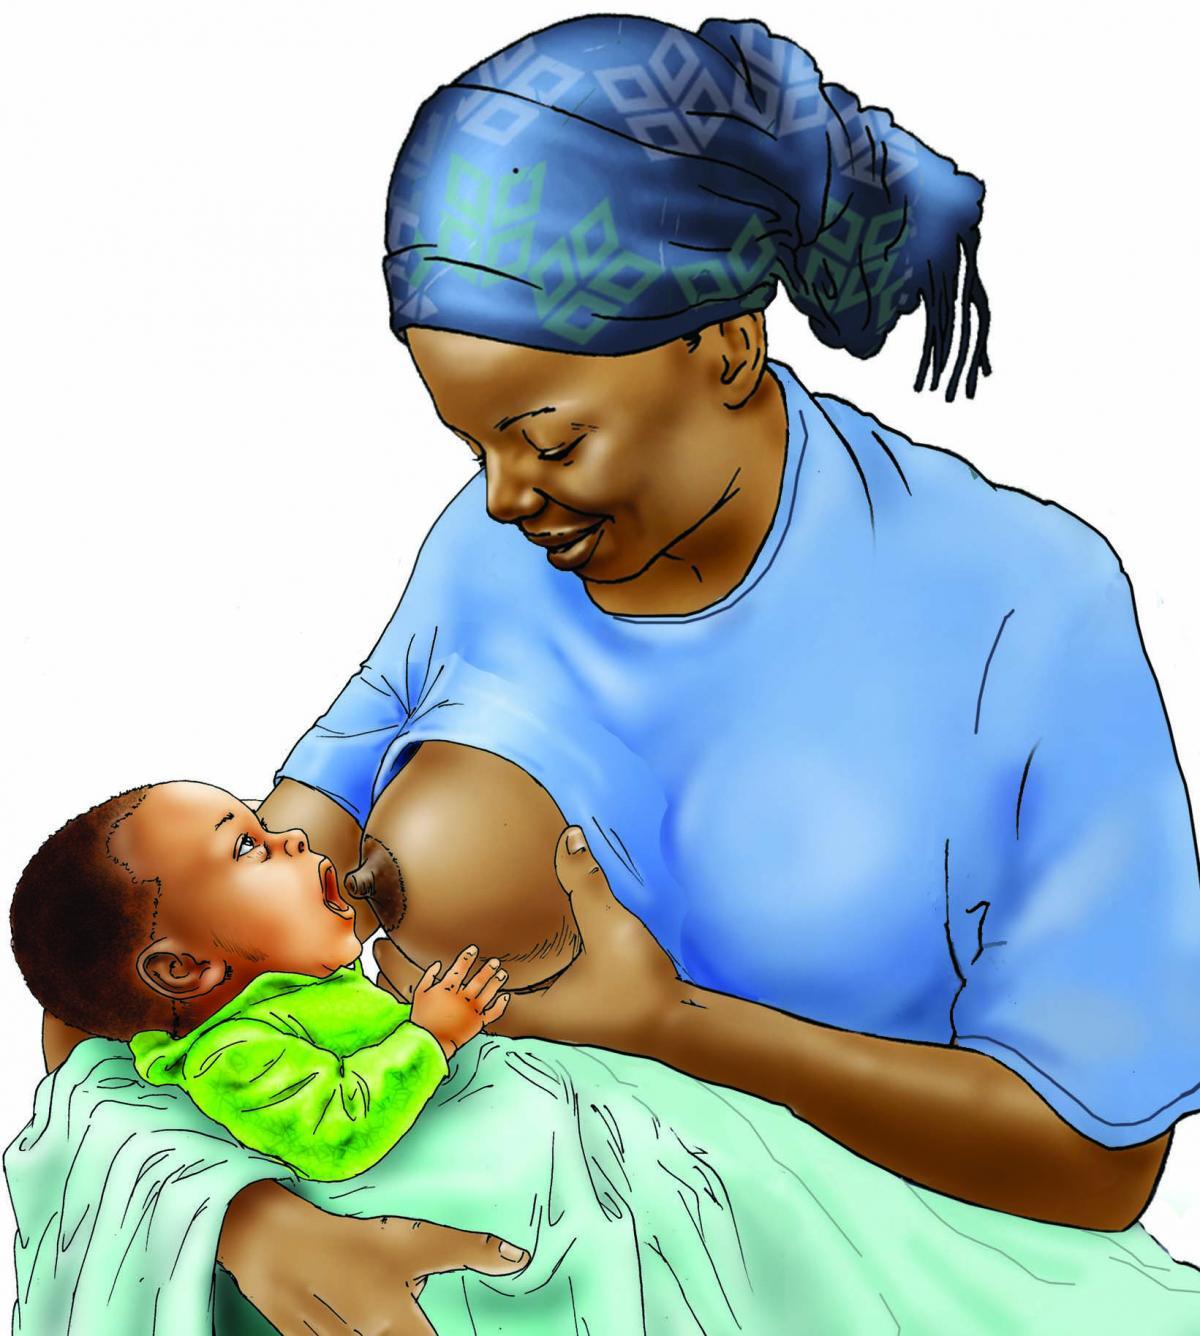 Breastfeeding - Breastfeeding pre-attachment 0-6 mo - 05E - Niger